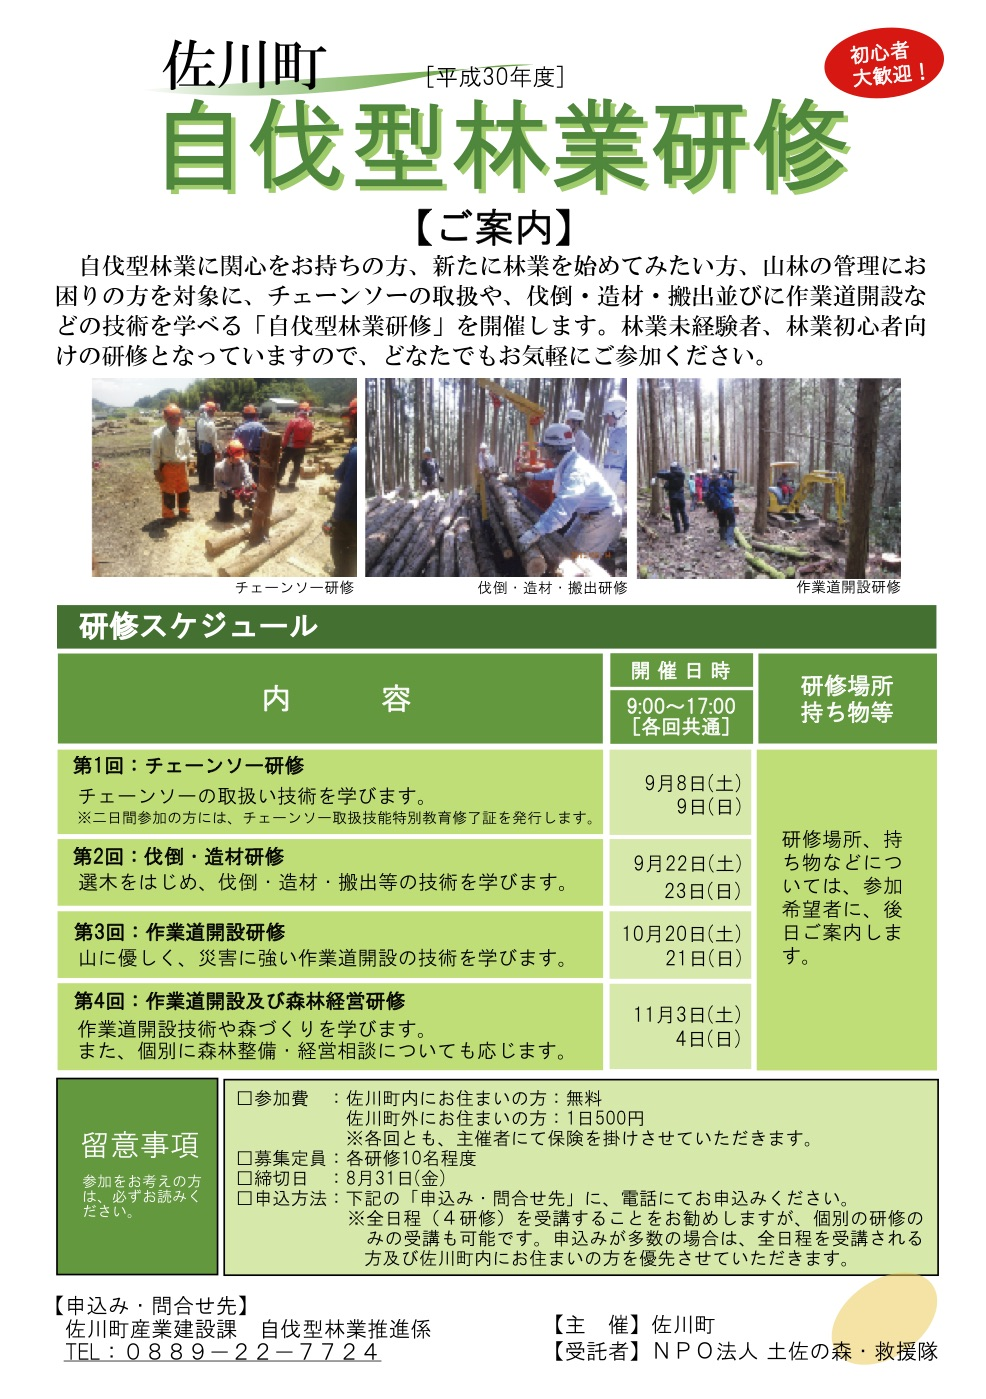 佐川町にて自伐型林業研修が開催されます